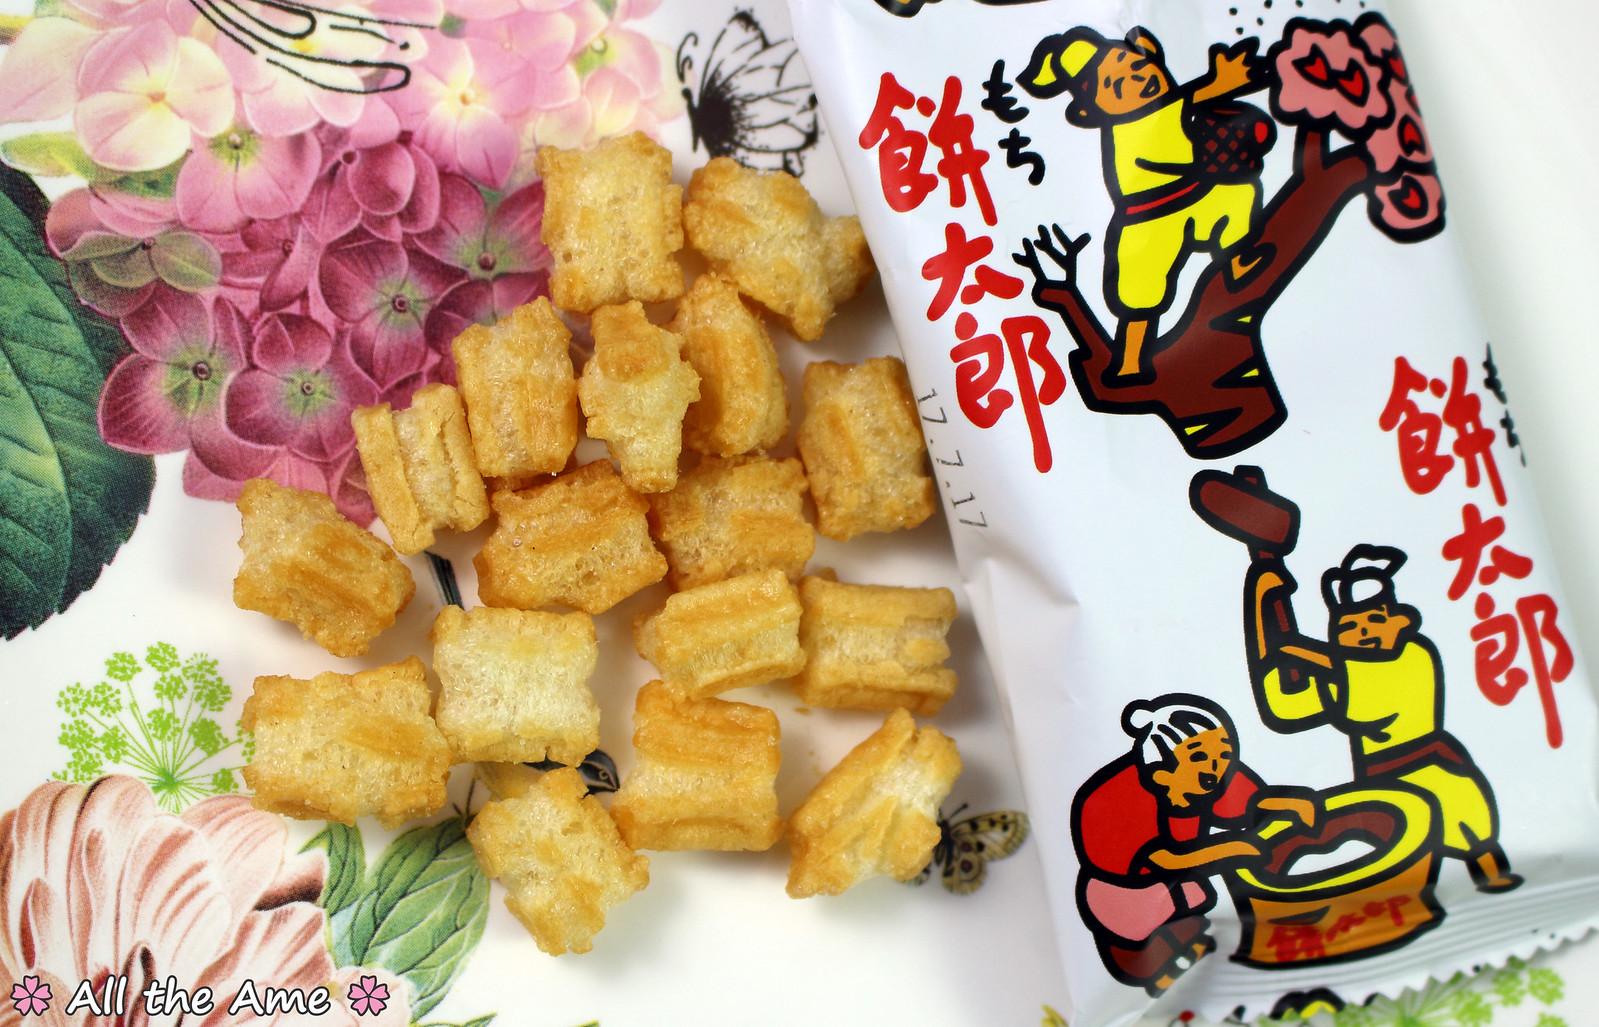 Mochi Taro Rice Cakes